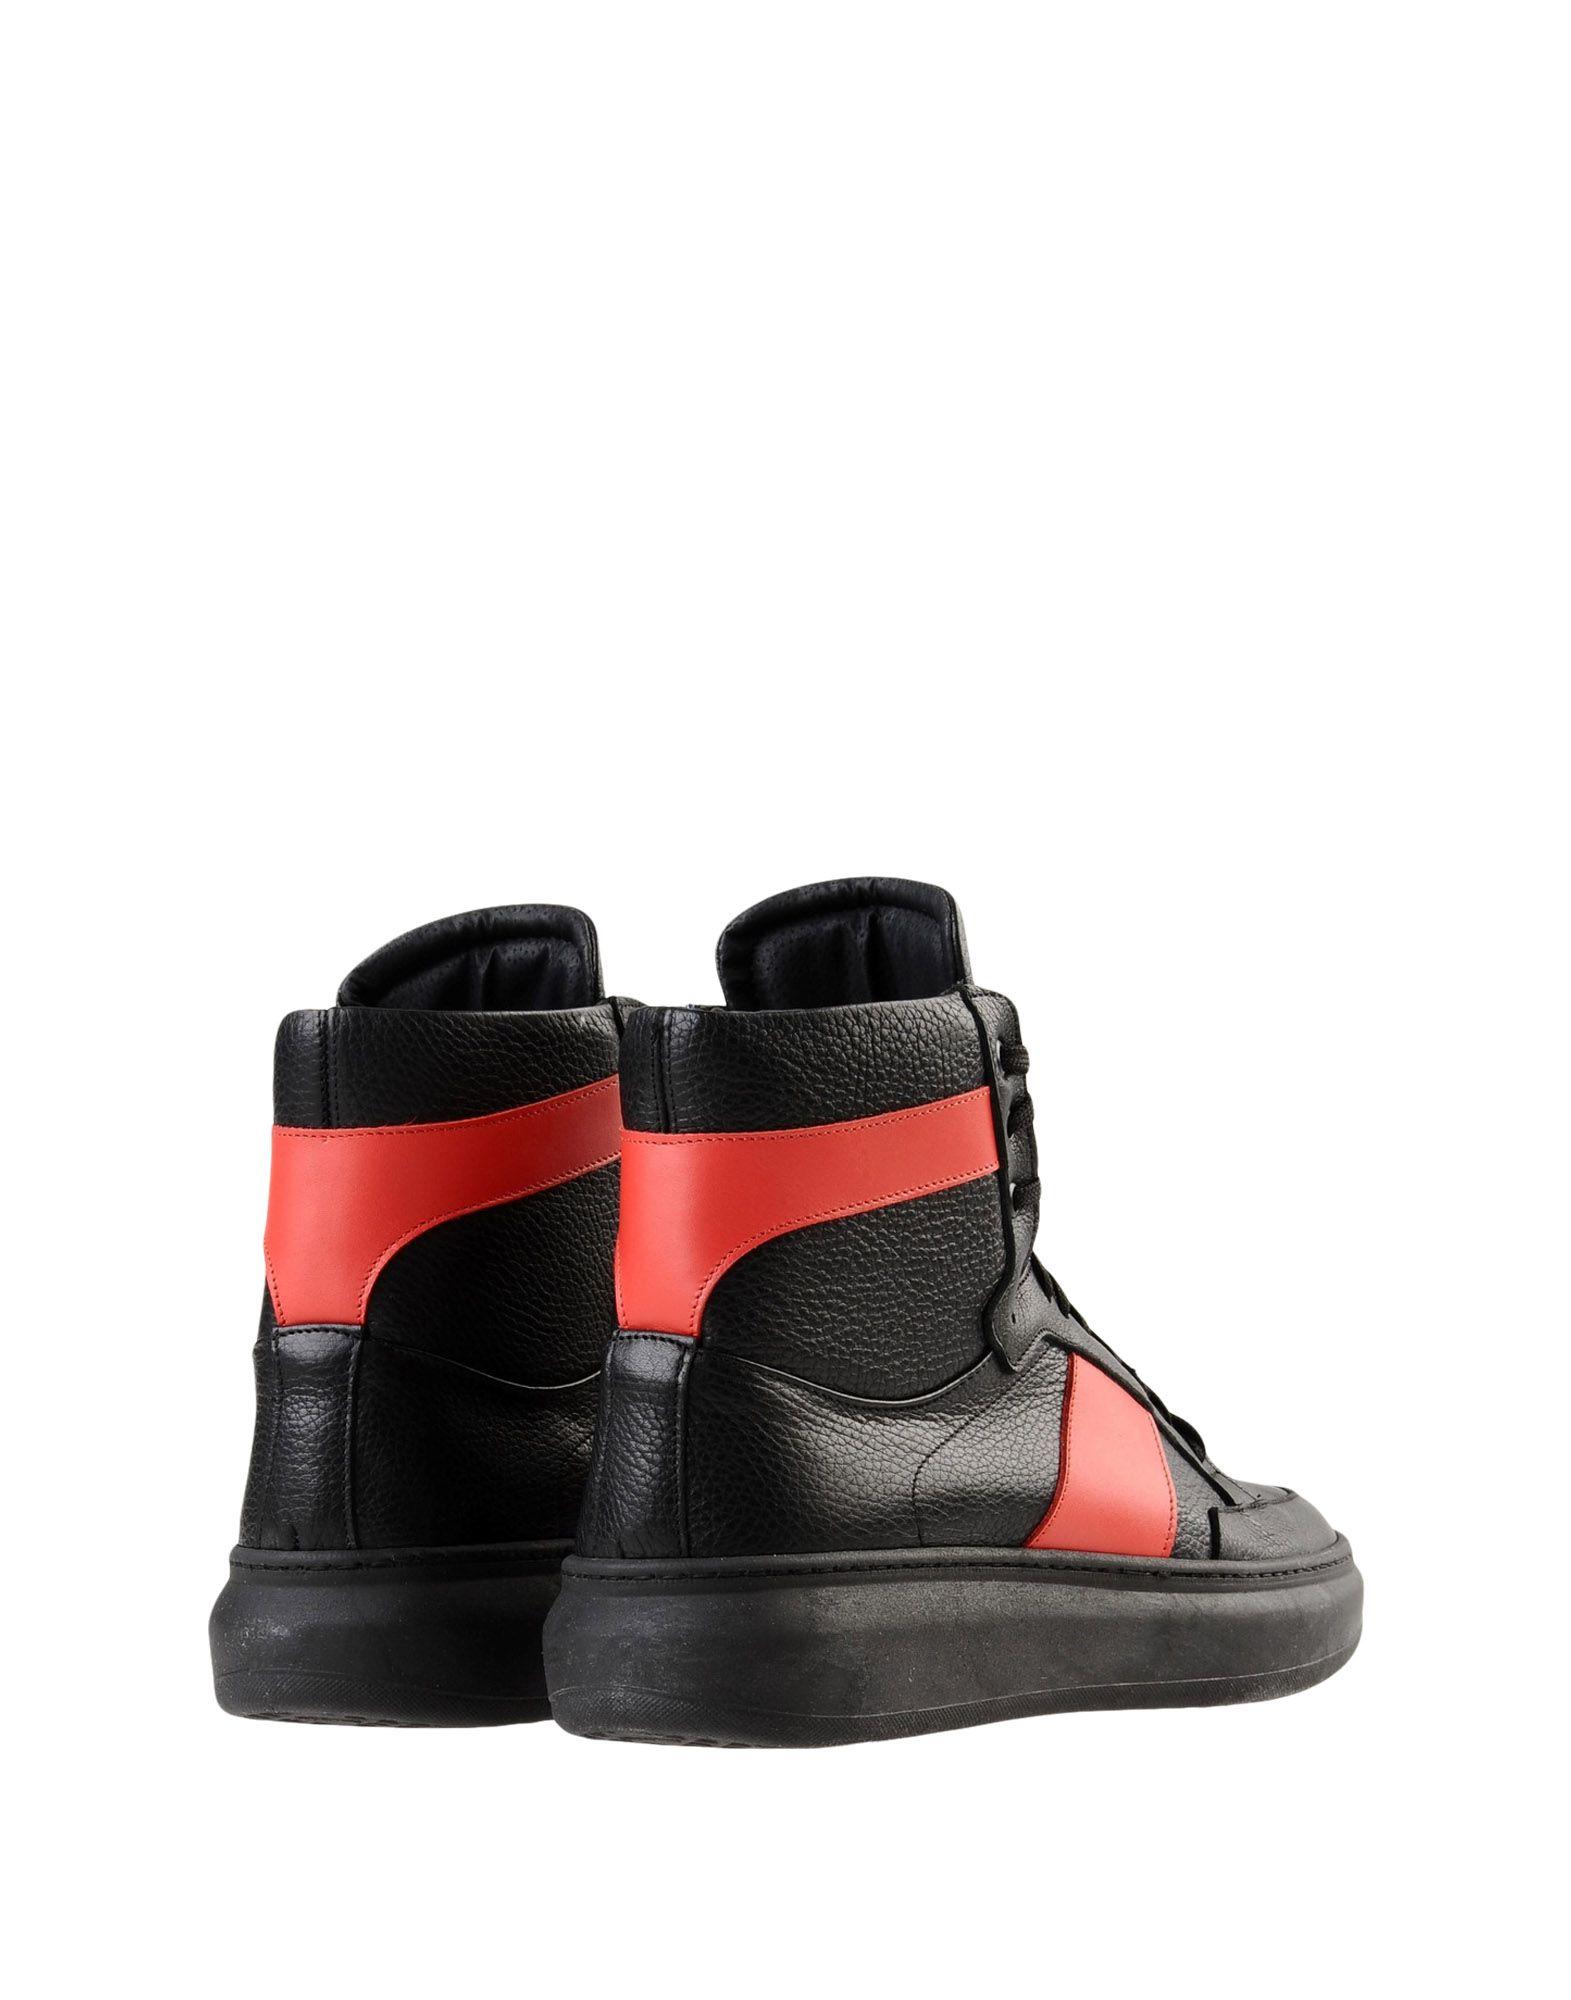 Pierre Darré Sneakers Herren  11536154EO Neue Schuhe Schuhe Neue a91680